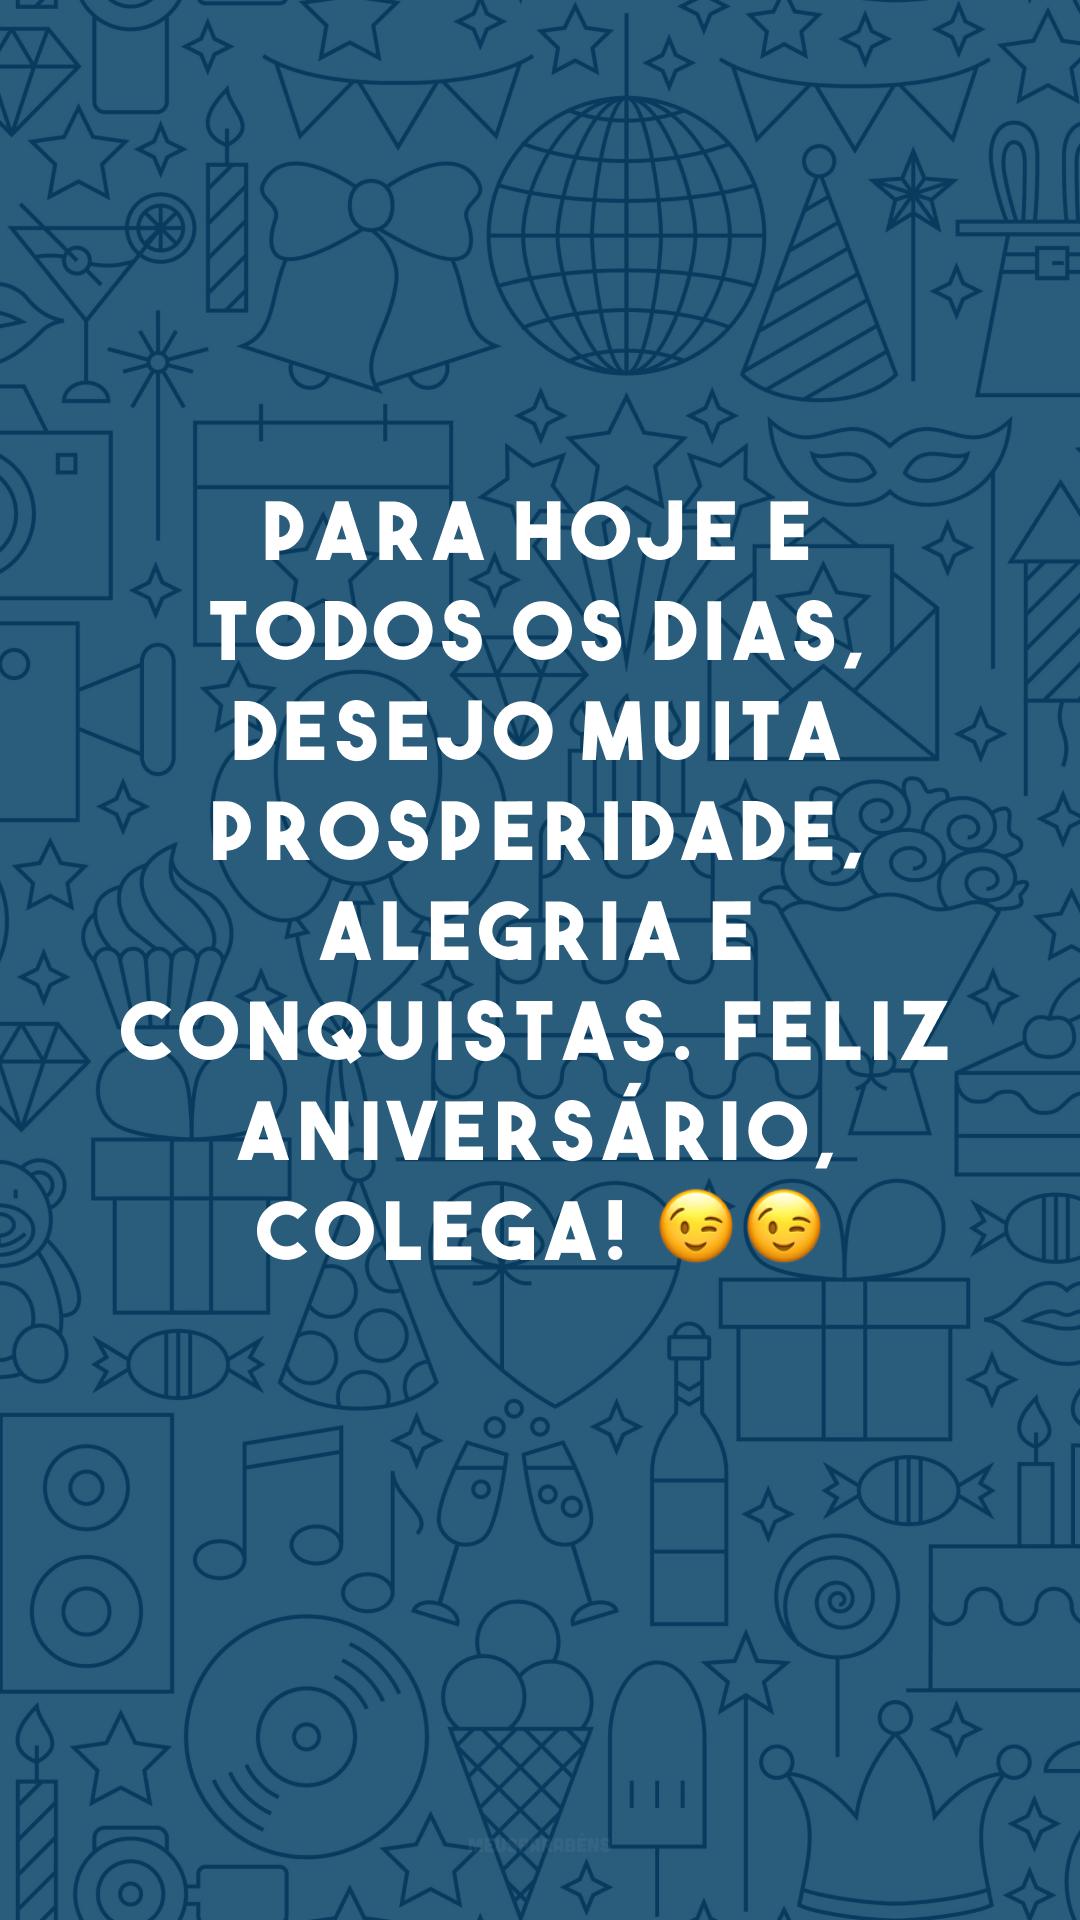 Para hoje e todos os dias, desejo muita prosperidade, alegria e conquistas. Feliz aniversário, colega! 😉😉